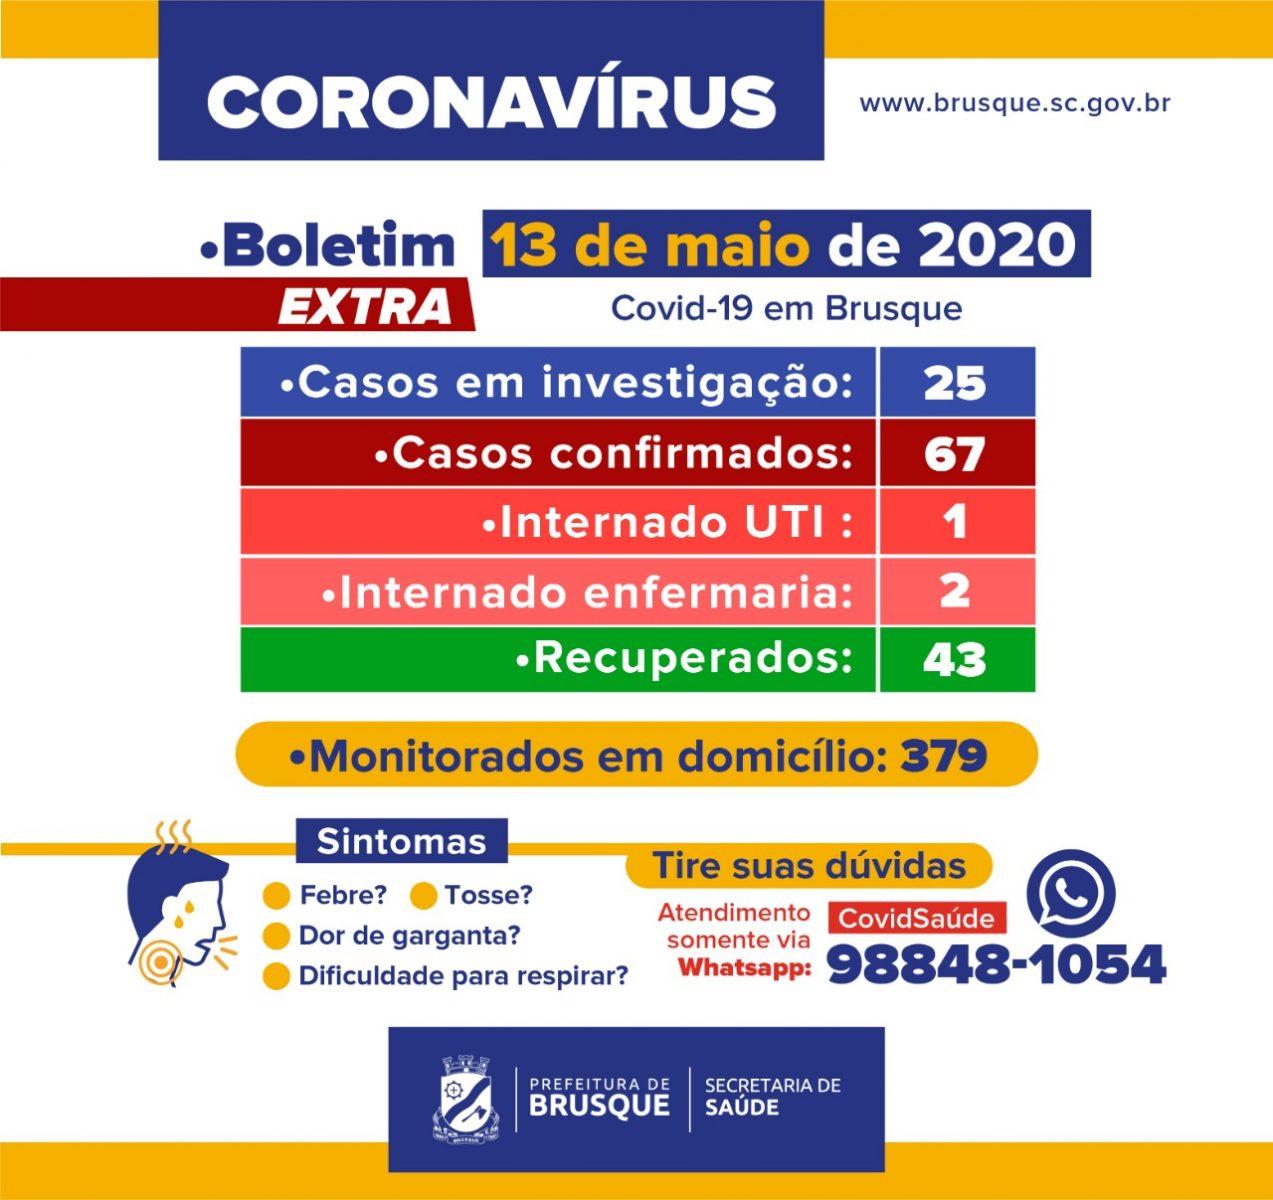 Boletim extra: Brusque registra 67 casos de Covid-19